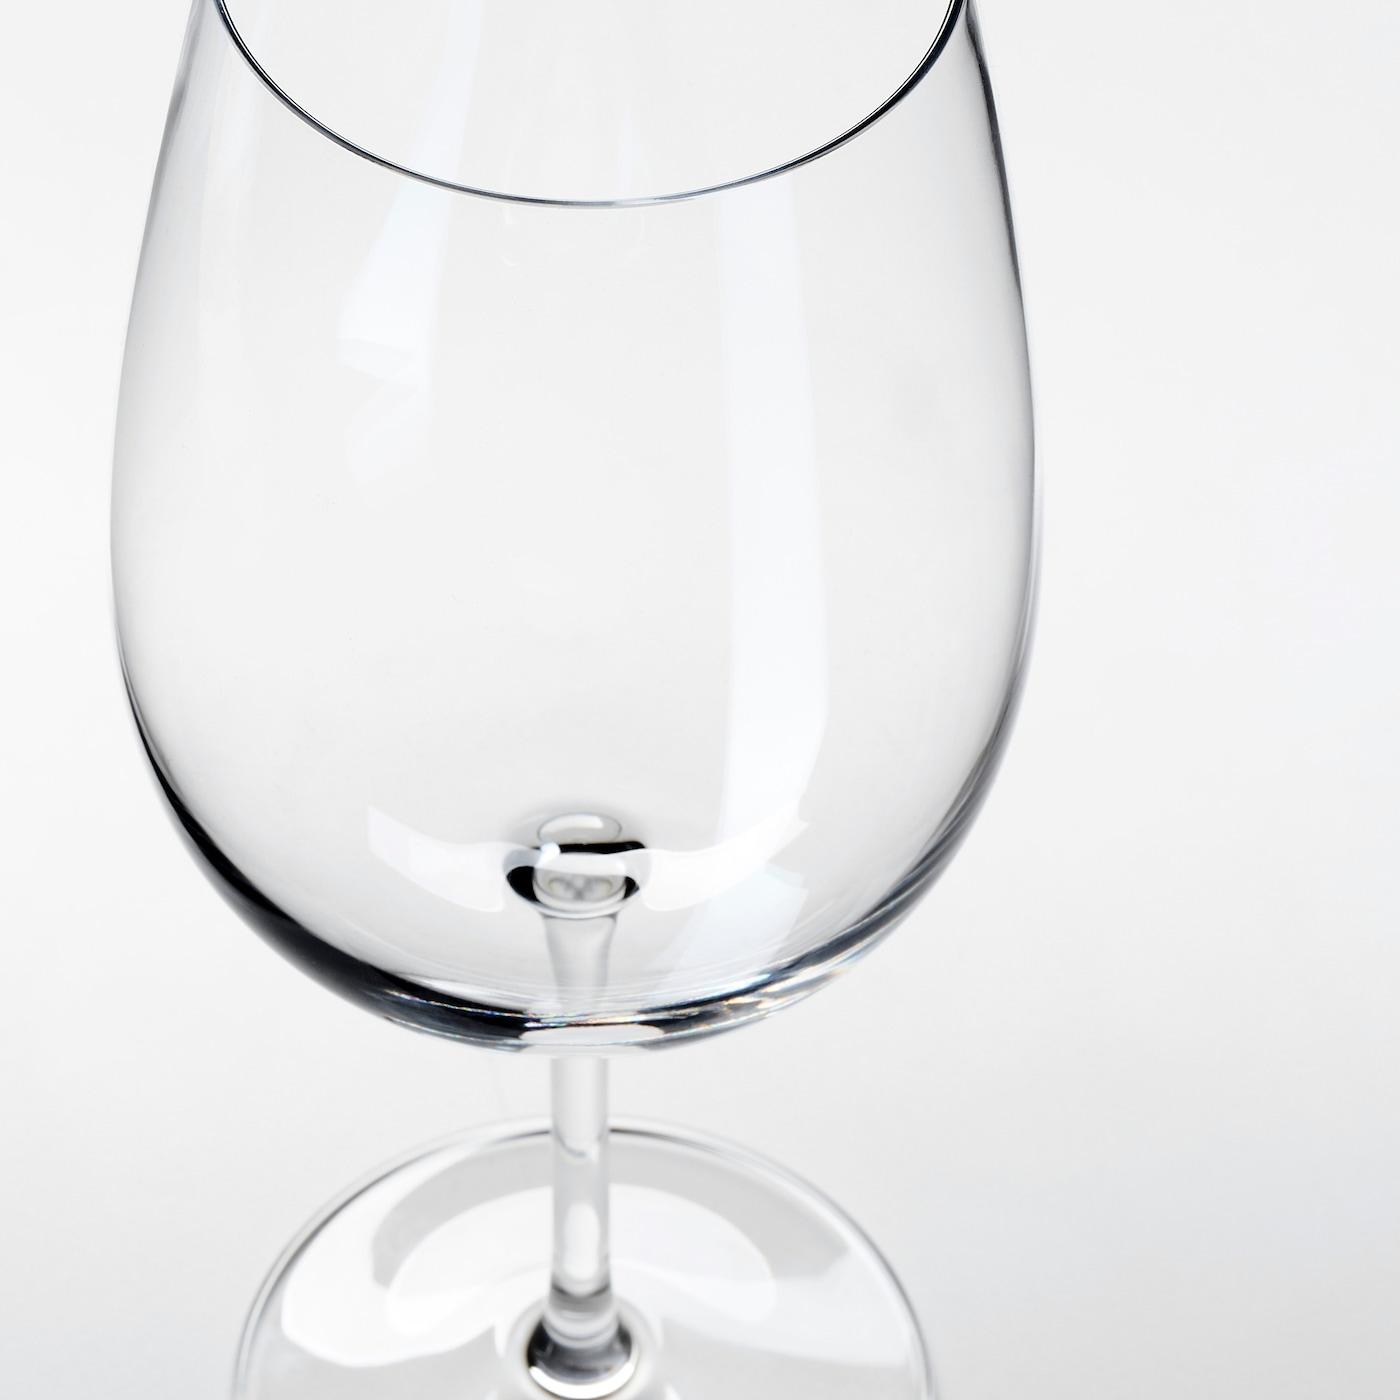 STORSINT Vörösboros pohár, átlátszó üveg, 68 cl